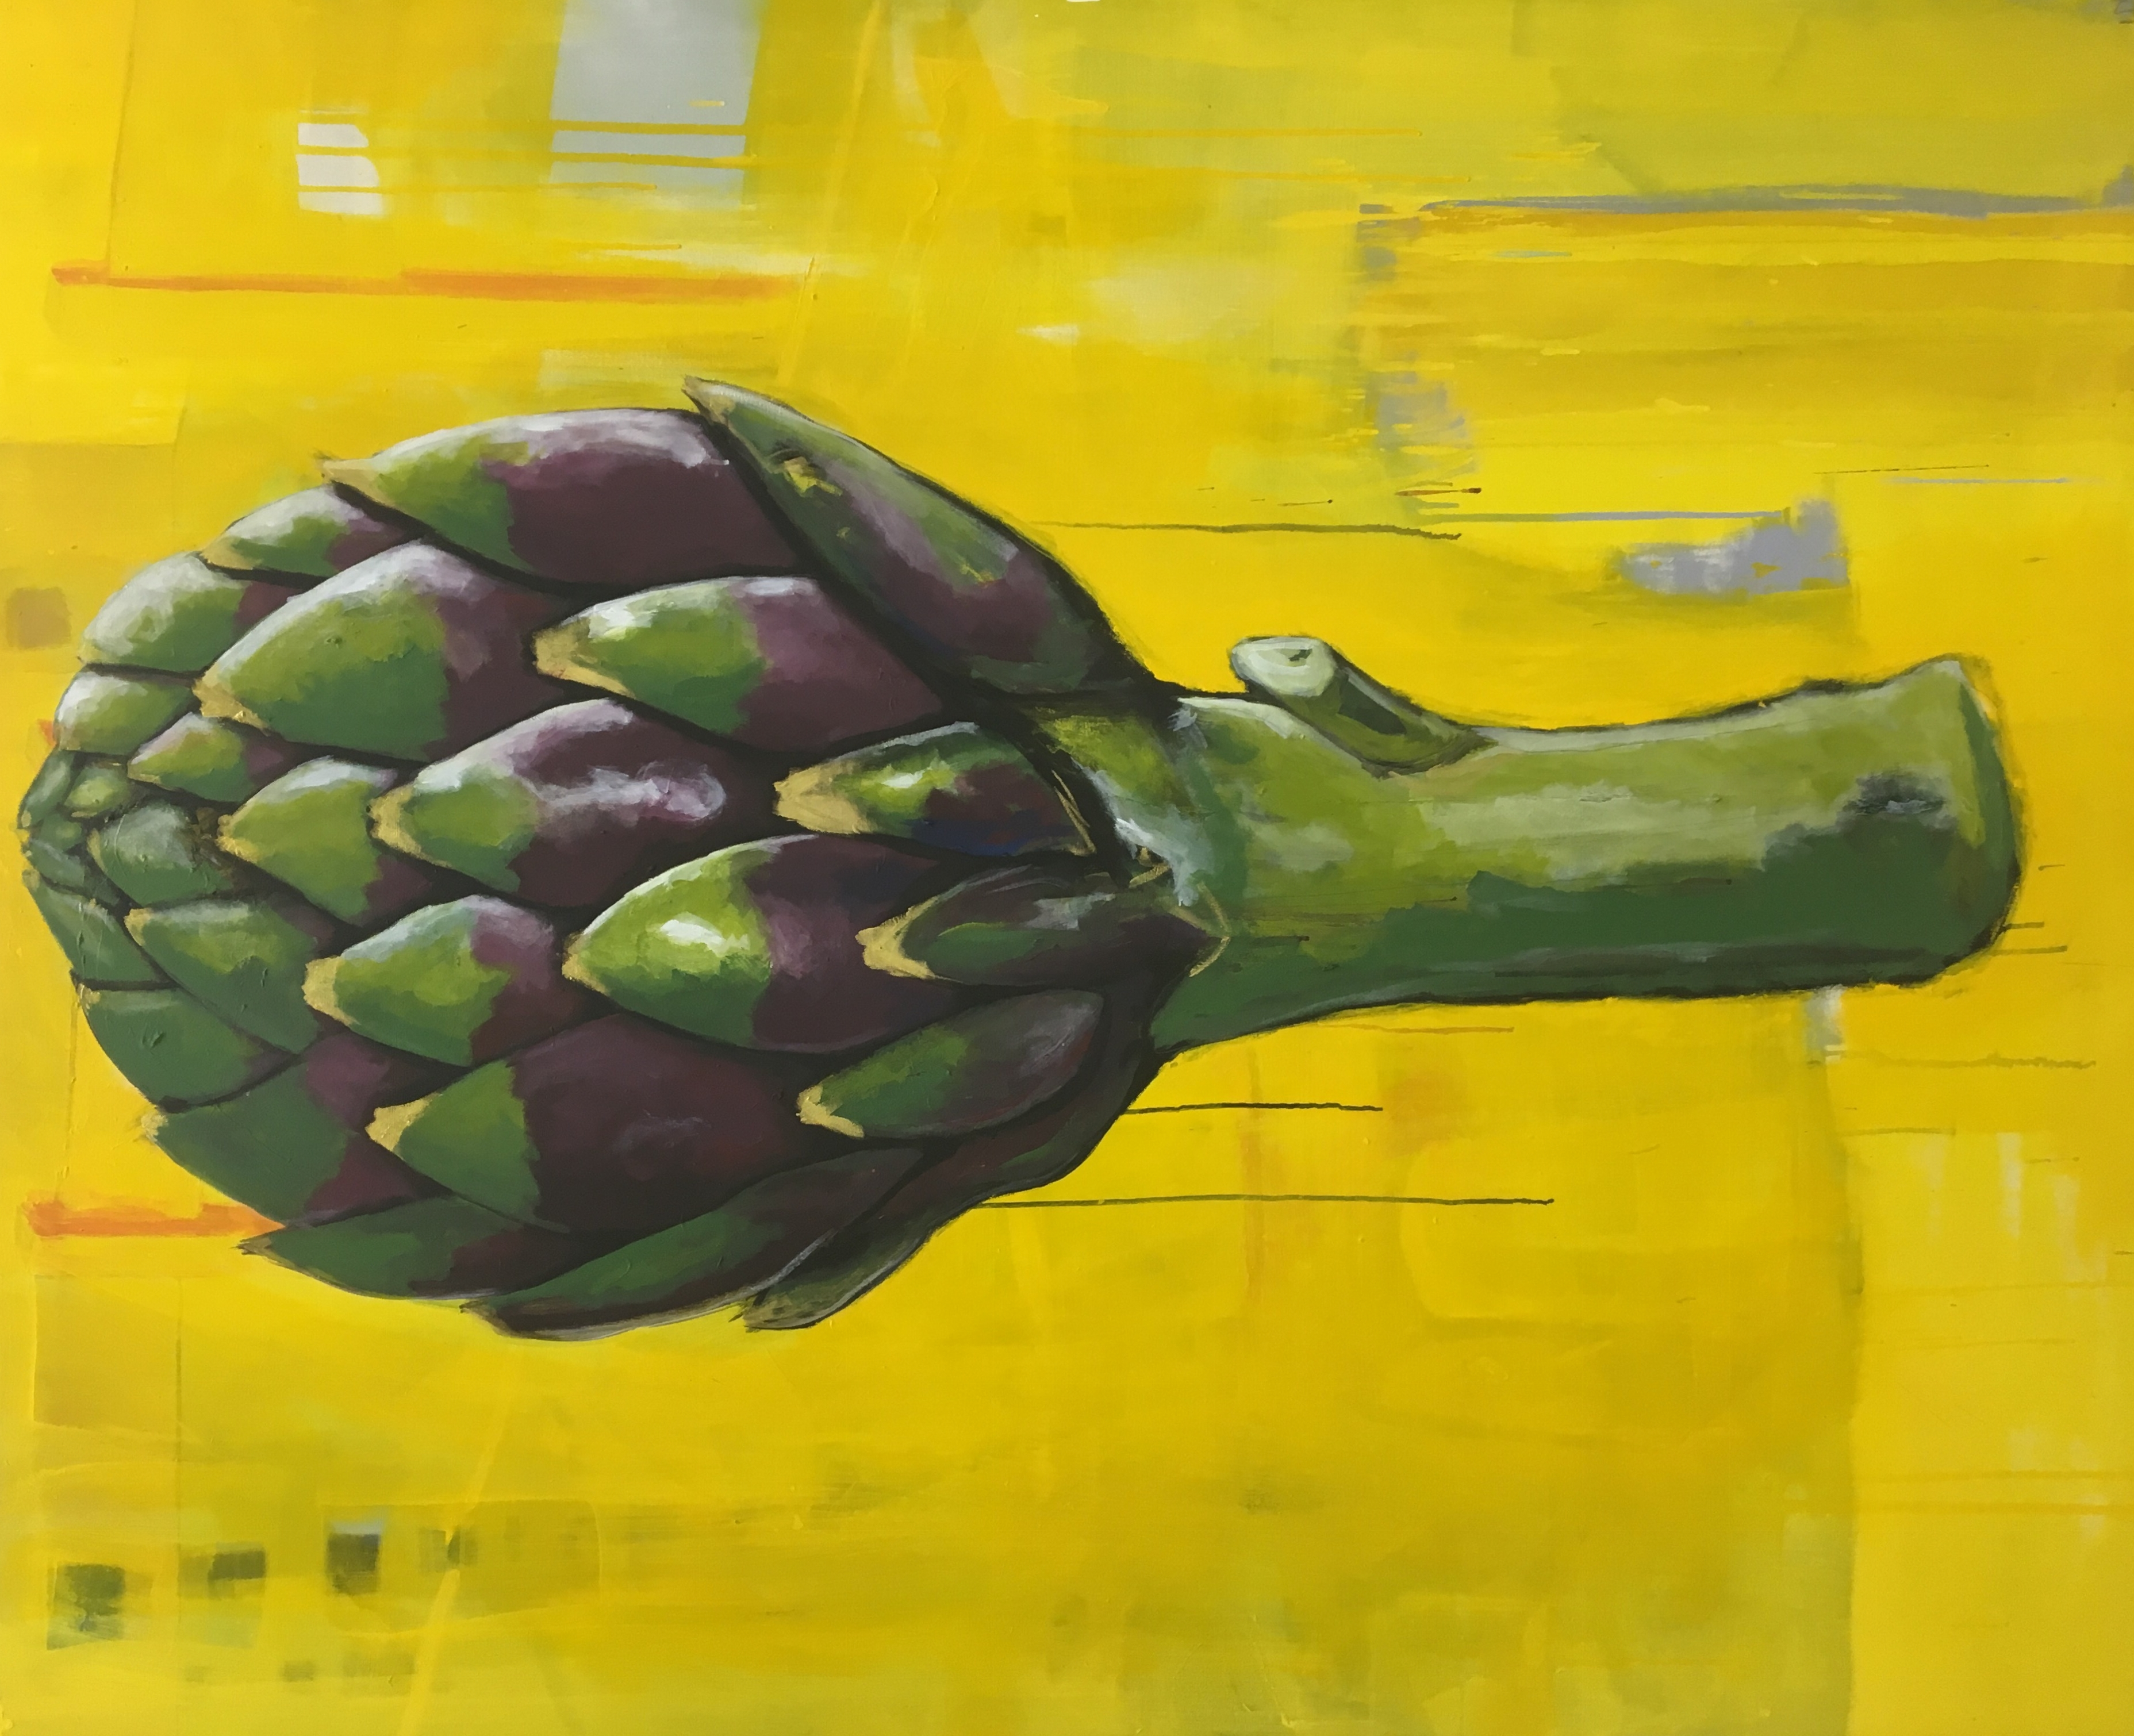 Carciofo grande su giallo